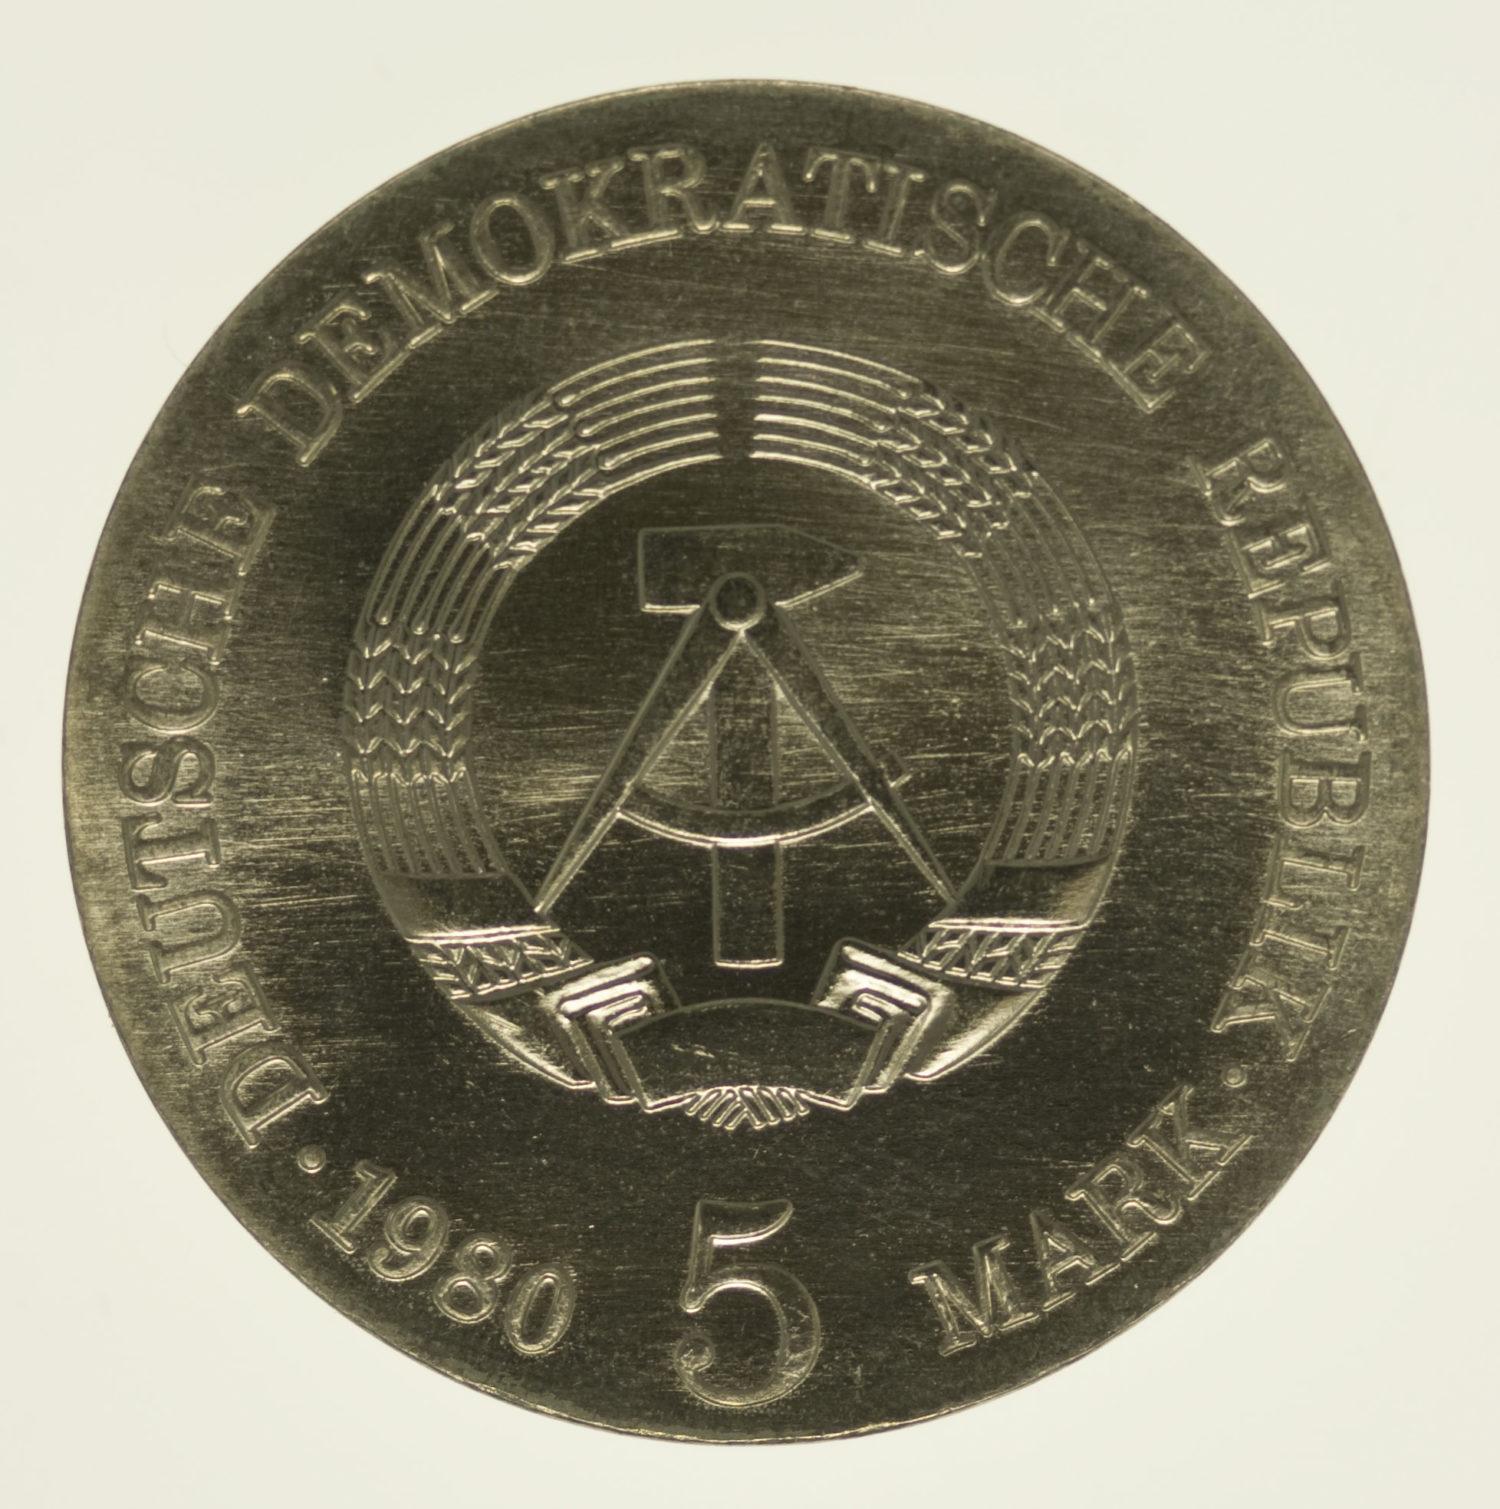 ddr-deutsche-silbermuenzen - DDR 5 Mark 1980 von Menzel